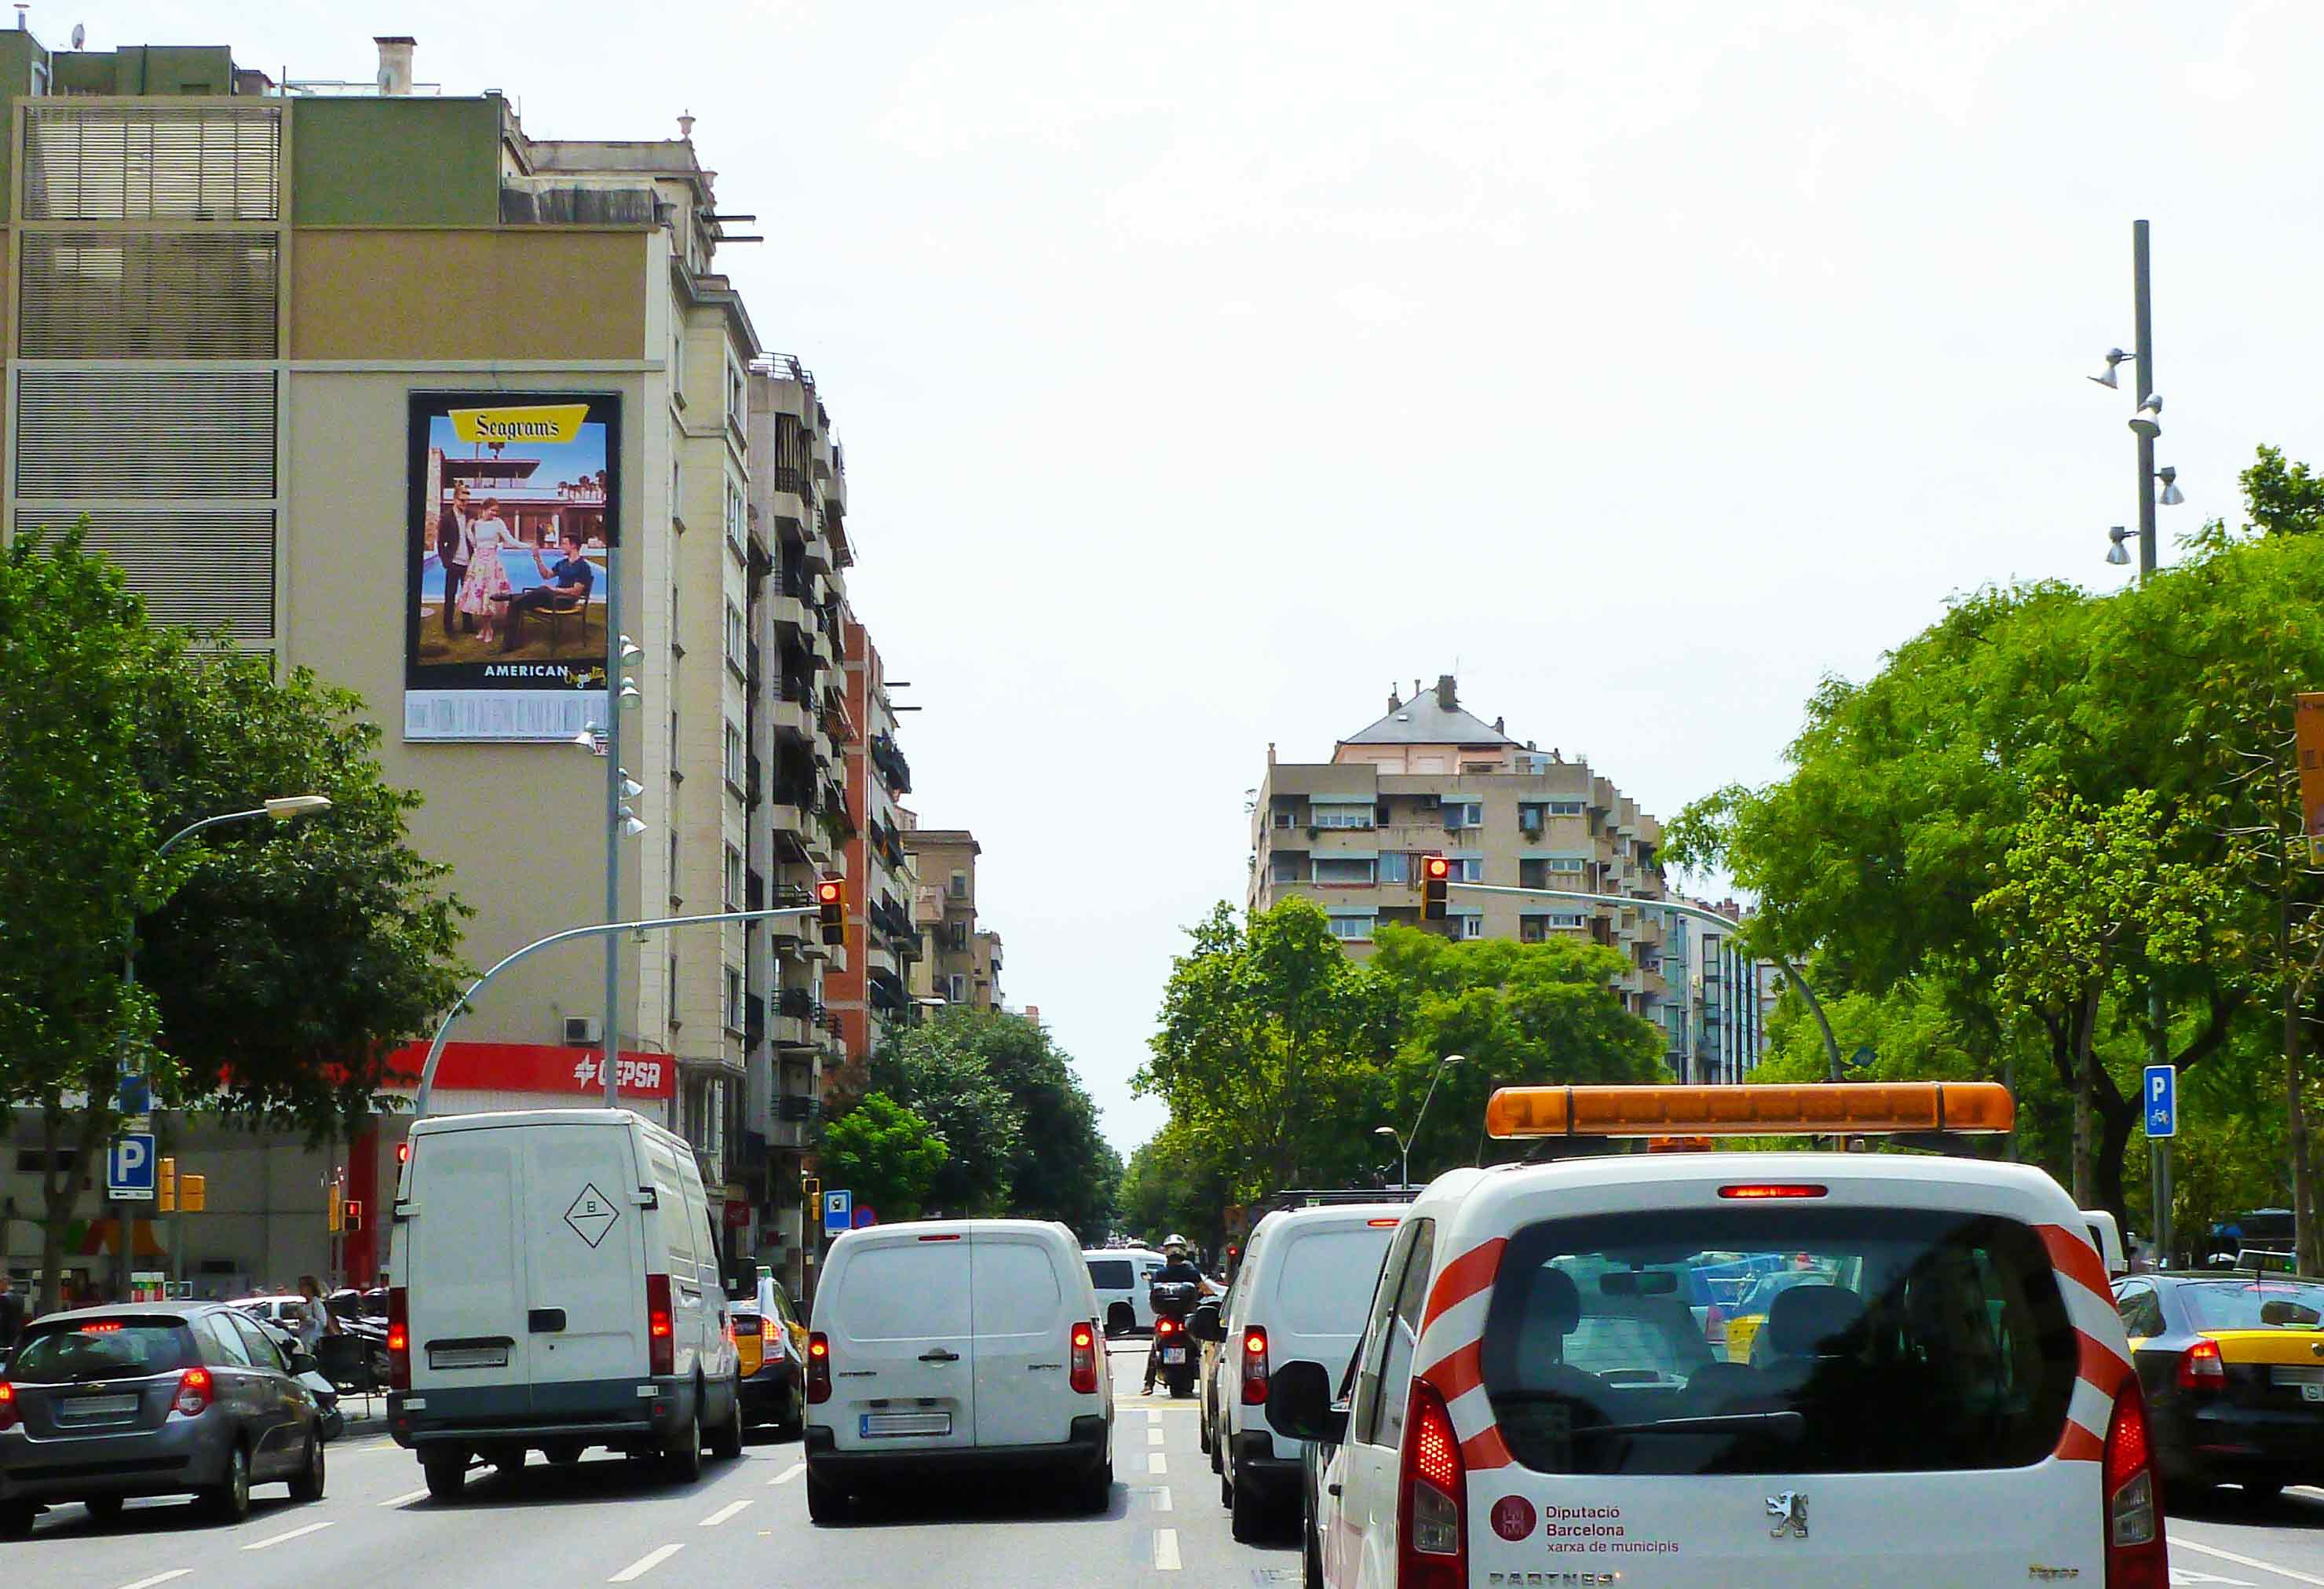 pym-medianera-publicidad-exterior-seagram-jazz-festival-barcelona-vsa-comunicacion